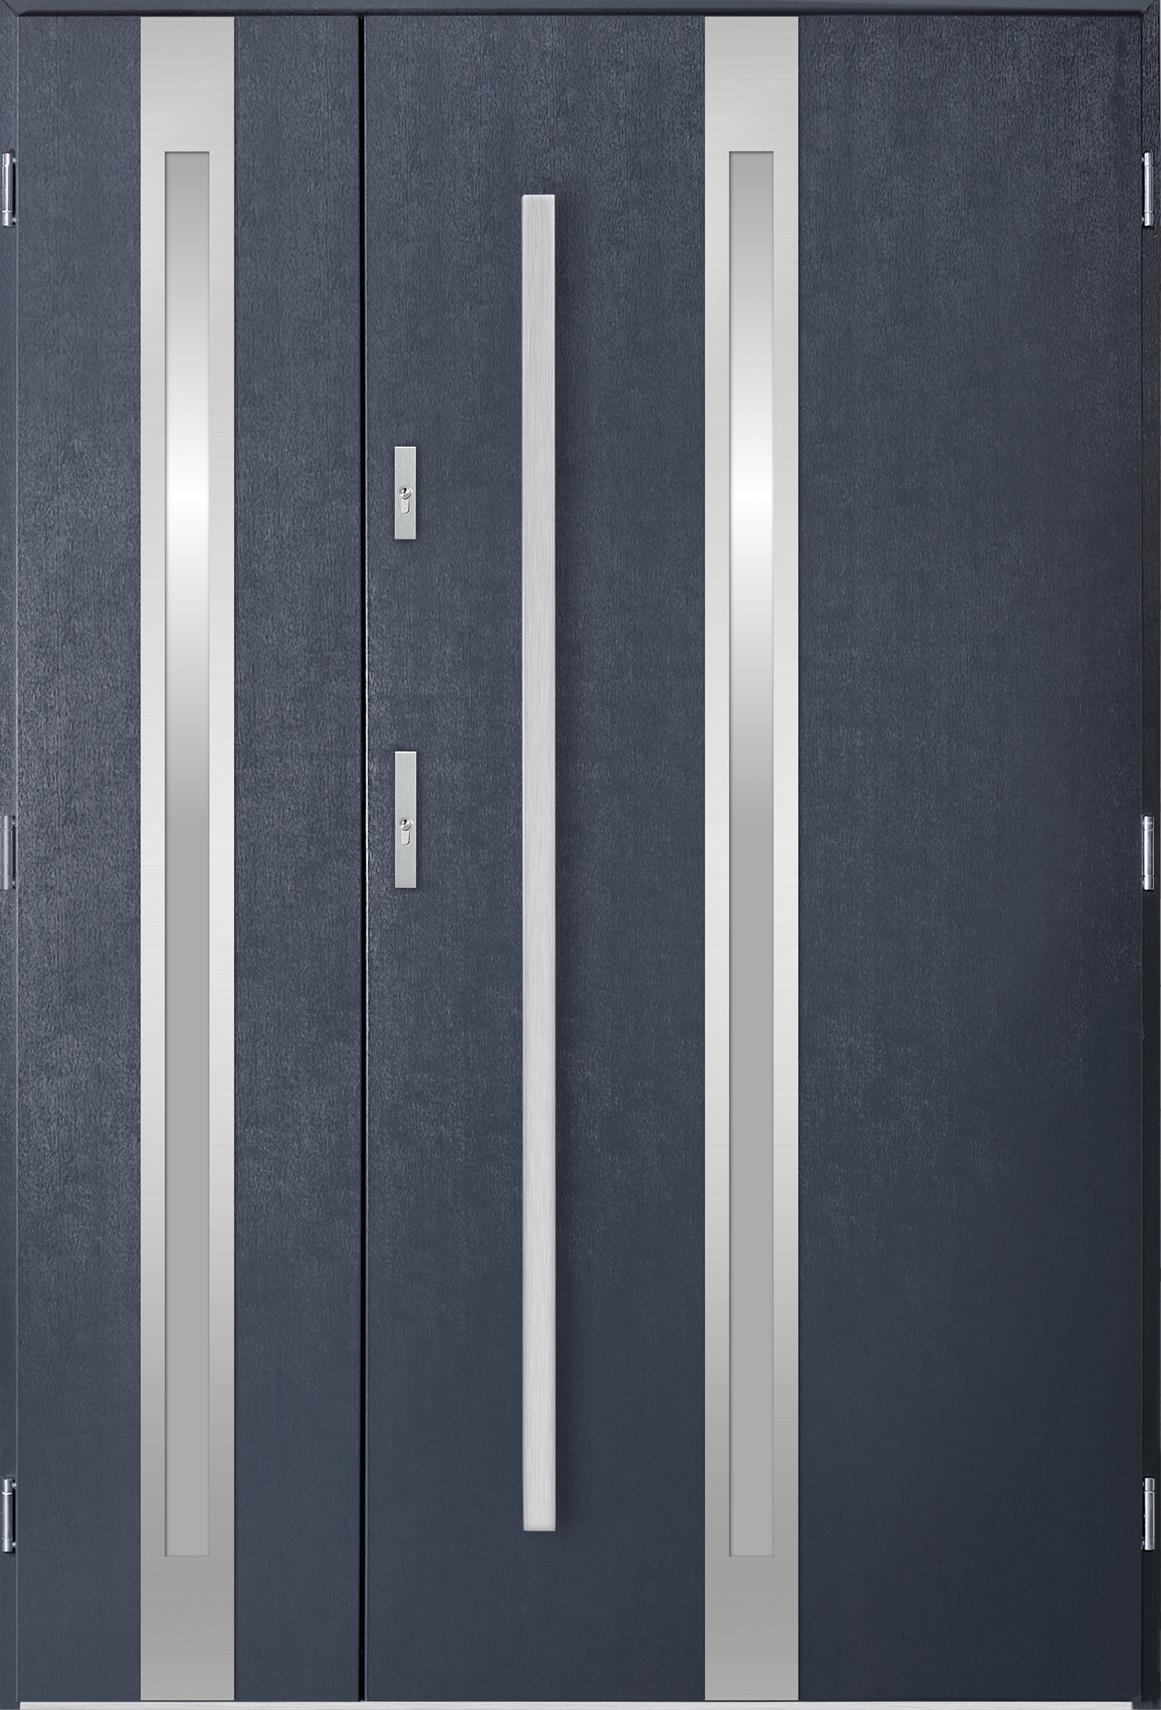 Dvoukøídlé ocelové vchodové dveøe Linea, tmavý antracit